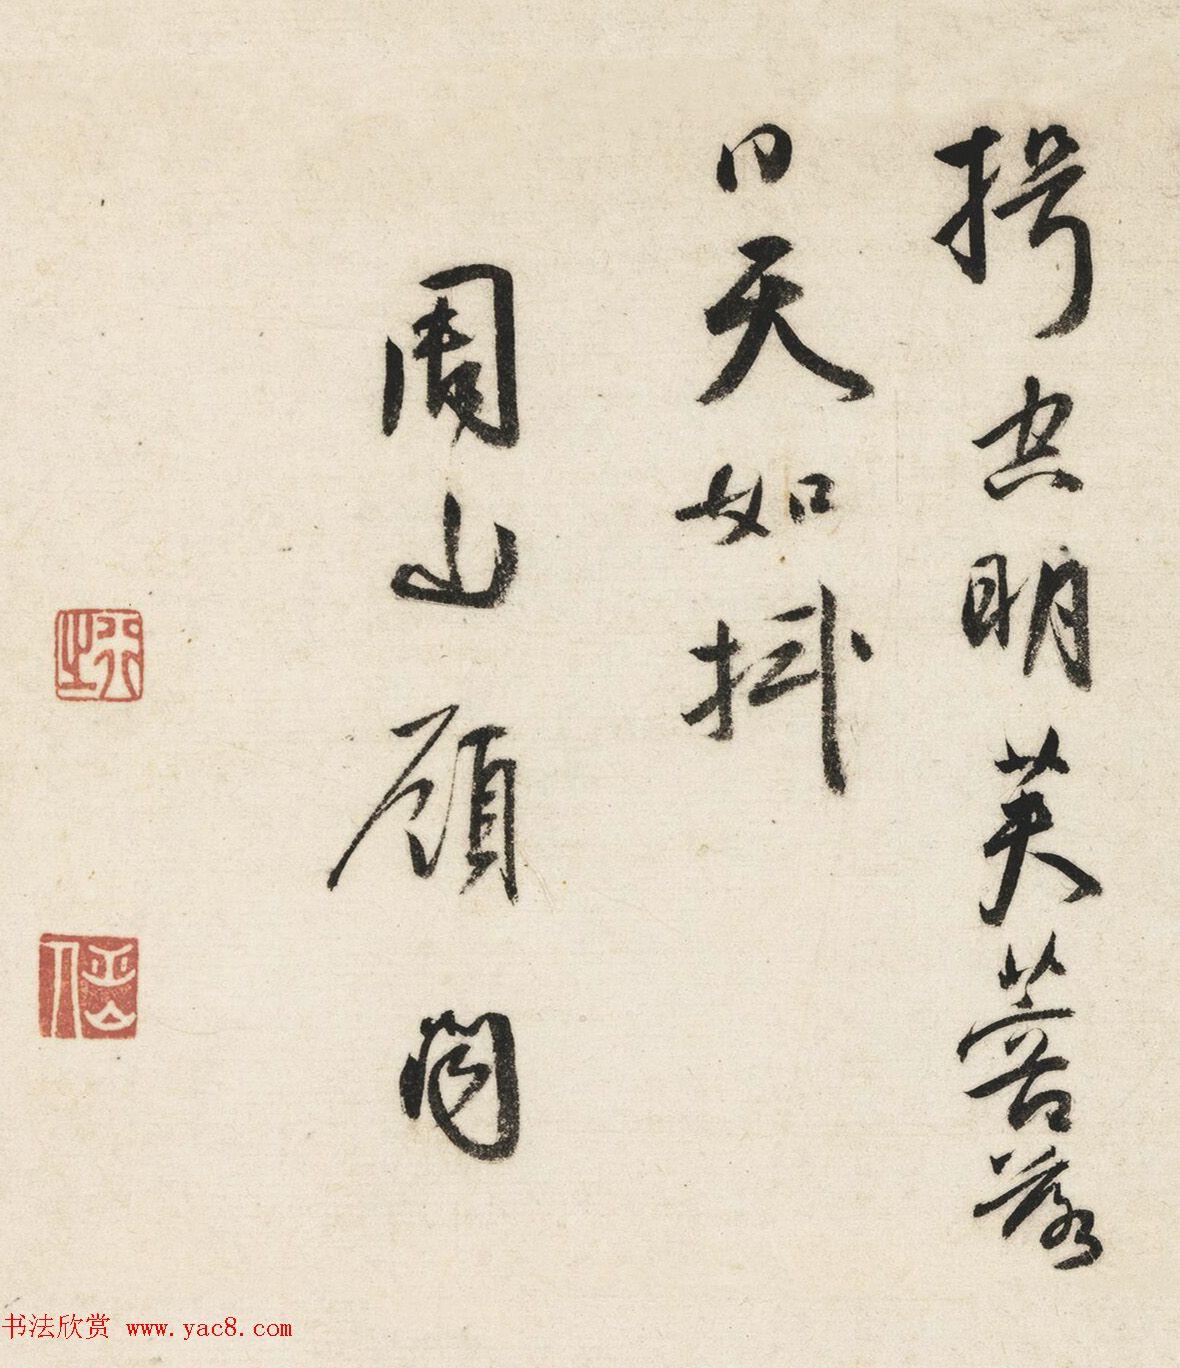 皇甫冲、钱德载、王穀祥、徐伯虬、顾闻书法墨迹